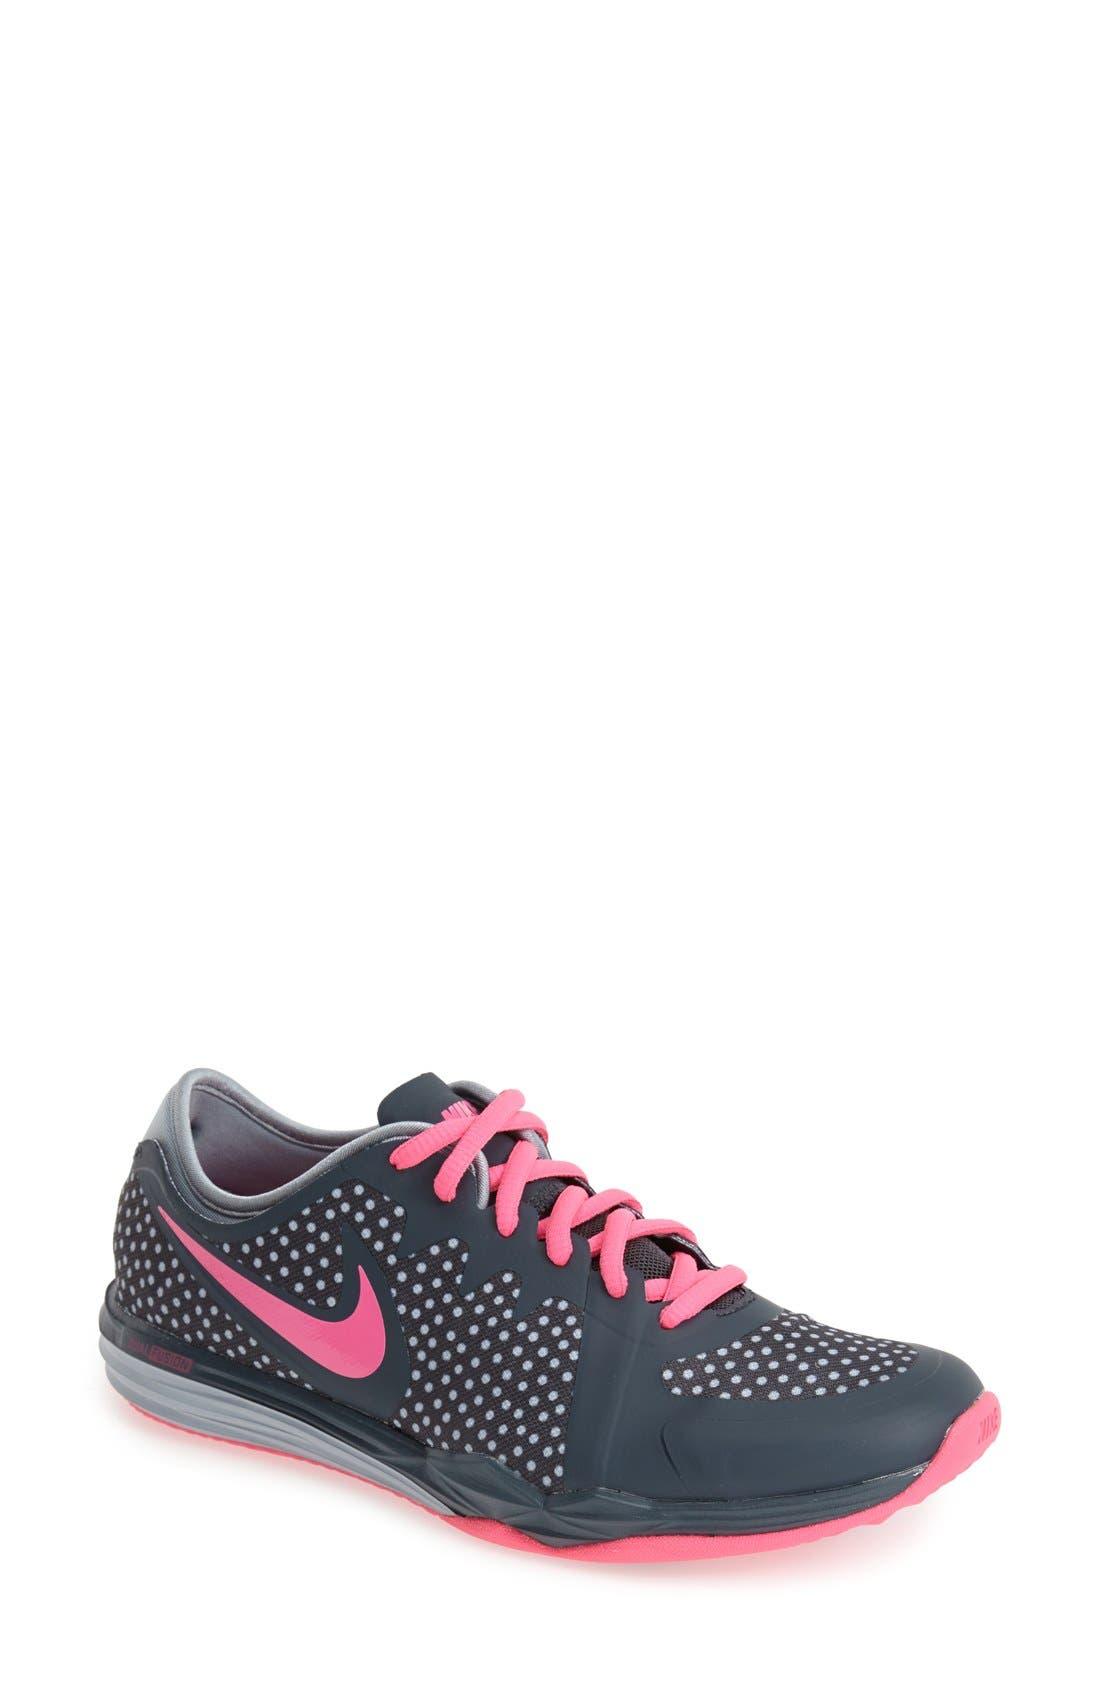 Main Image - Nike 'Dual Fusion 3' Training Shoe (Women)